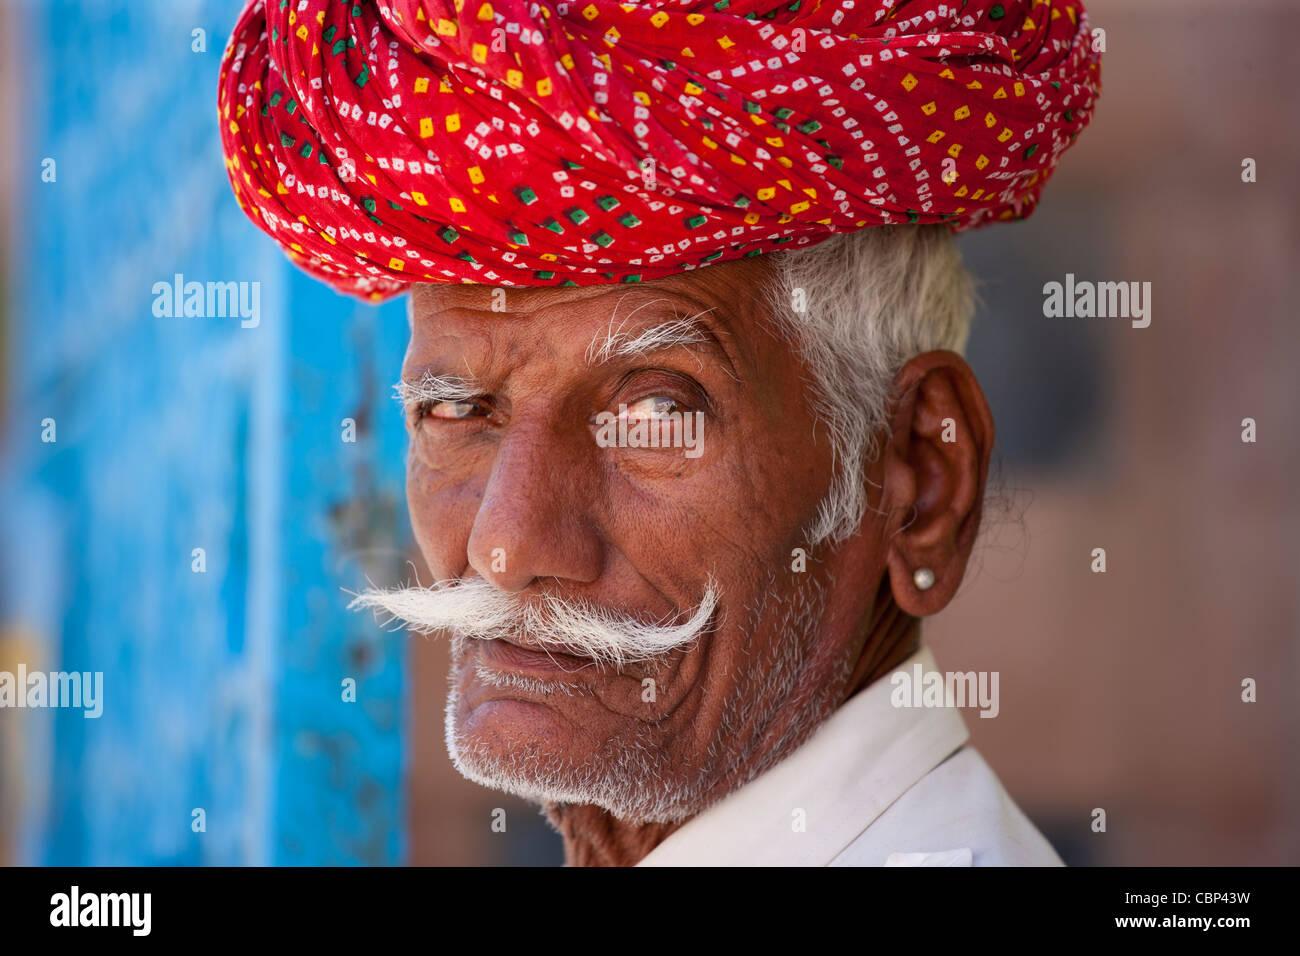 Hombre indio con turbante tradicional Rajasthani en Narlai village en Rajastán, en el norte de la India. Foto de stock